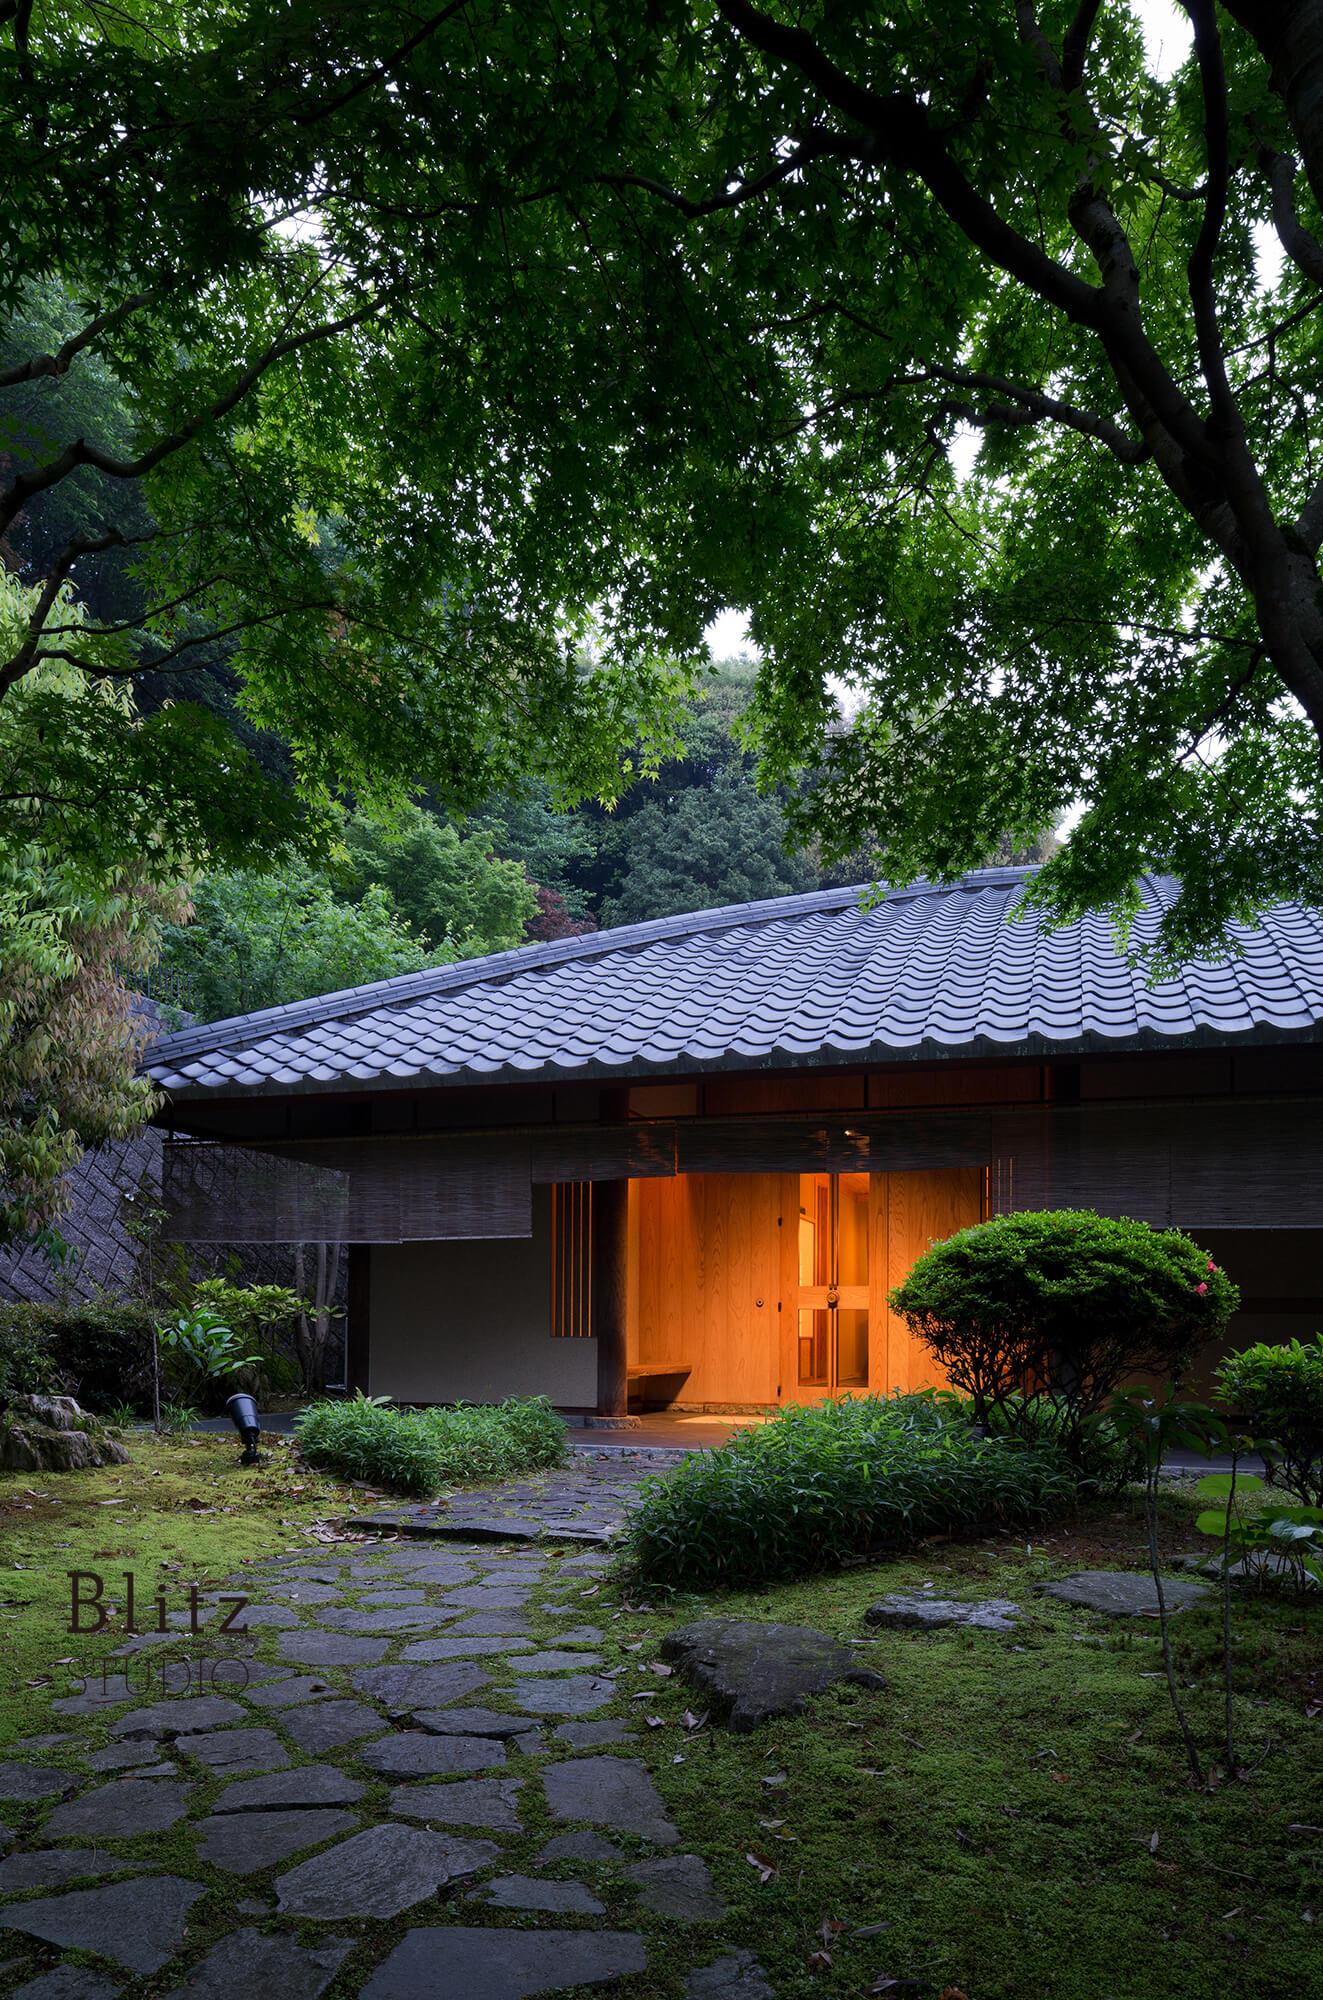 『宗像名残荘』建築写真・竣工写真・インテリア写真26